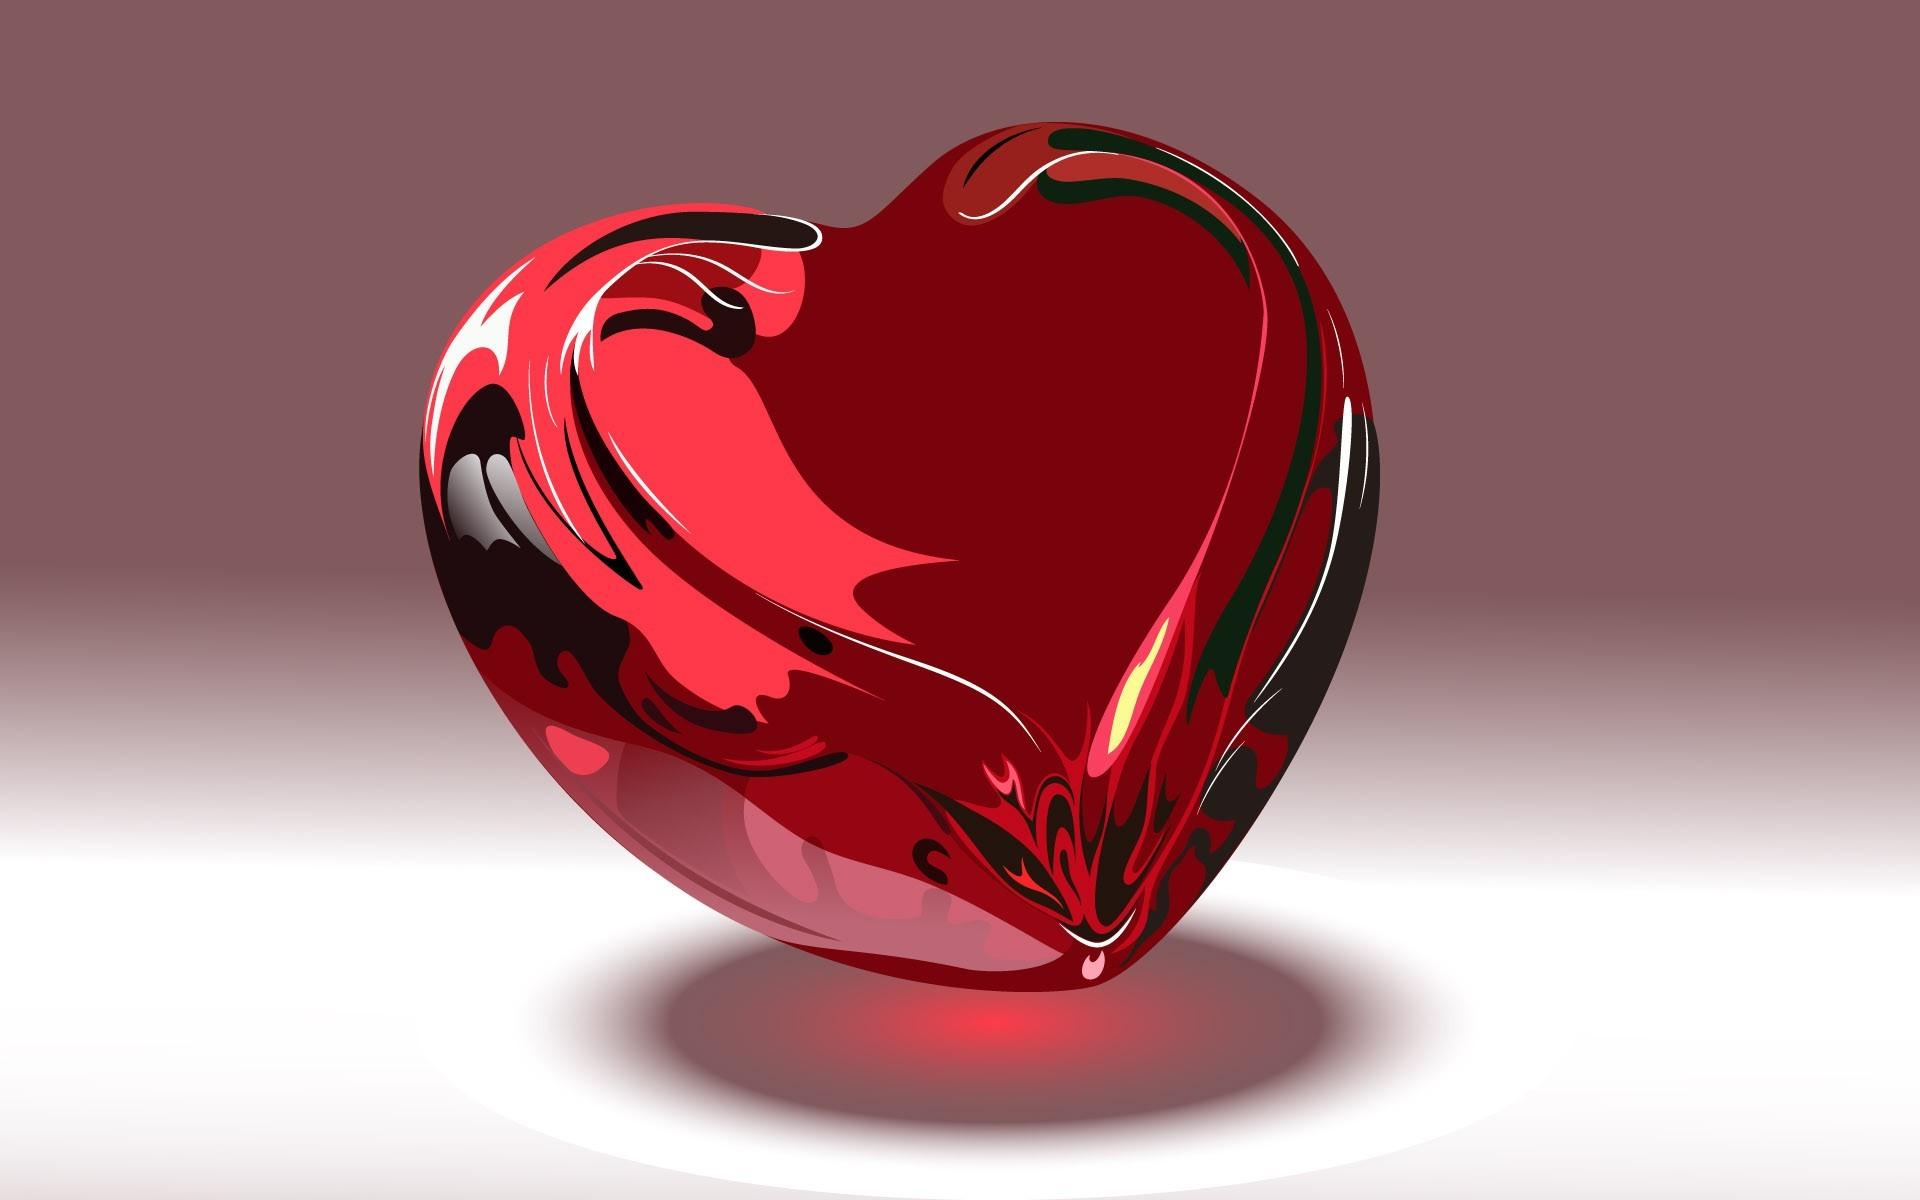 3d Love Images Hd 23 Desktop Background Hdlovewall Com